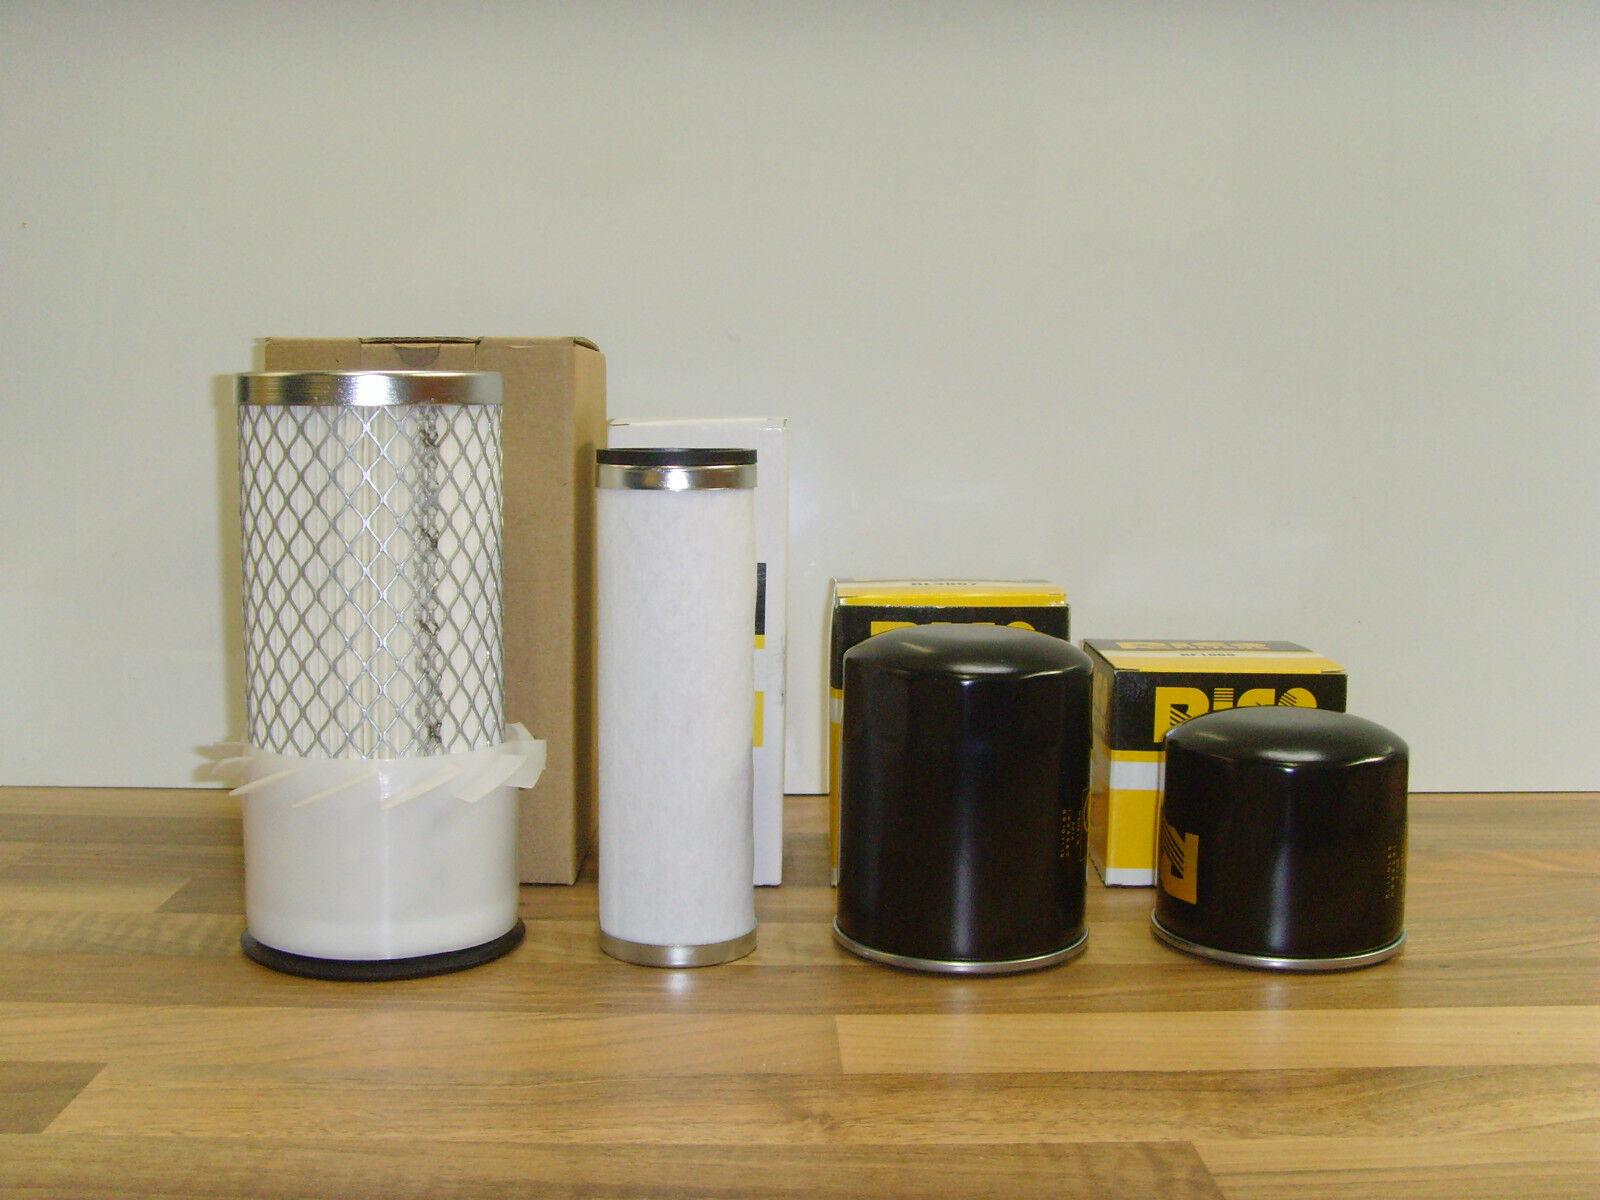 kubota kx41 2 filter service kit air oil fuel filters. Black Bedroom Furniture Sets. Home Design Ideas